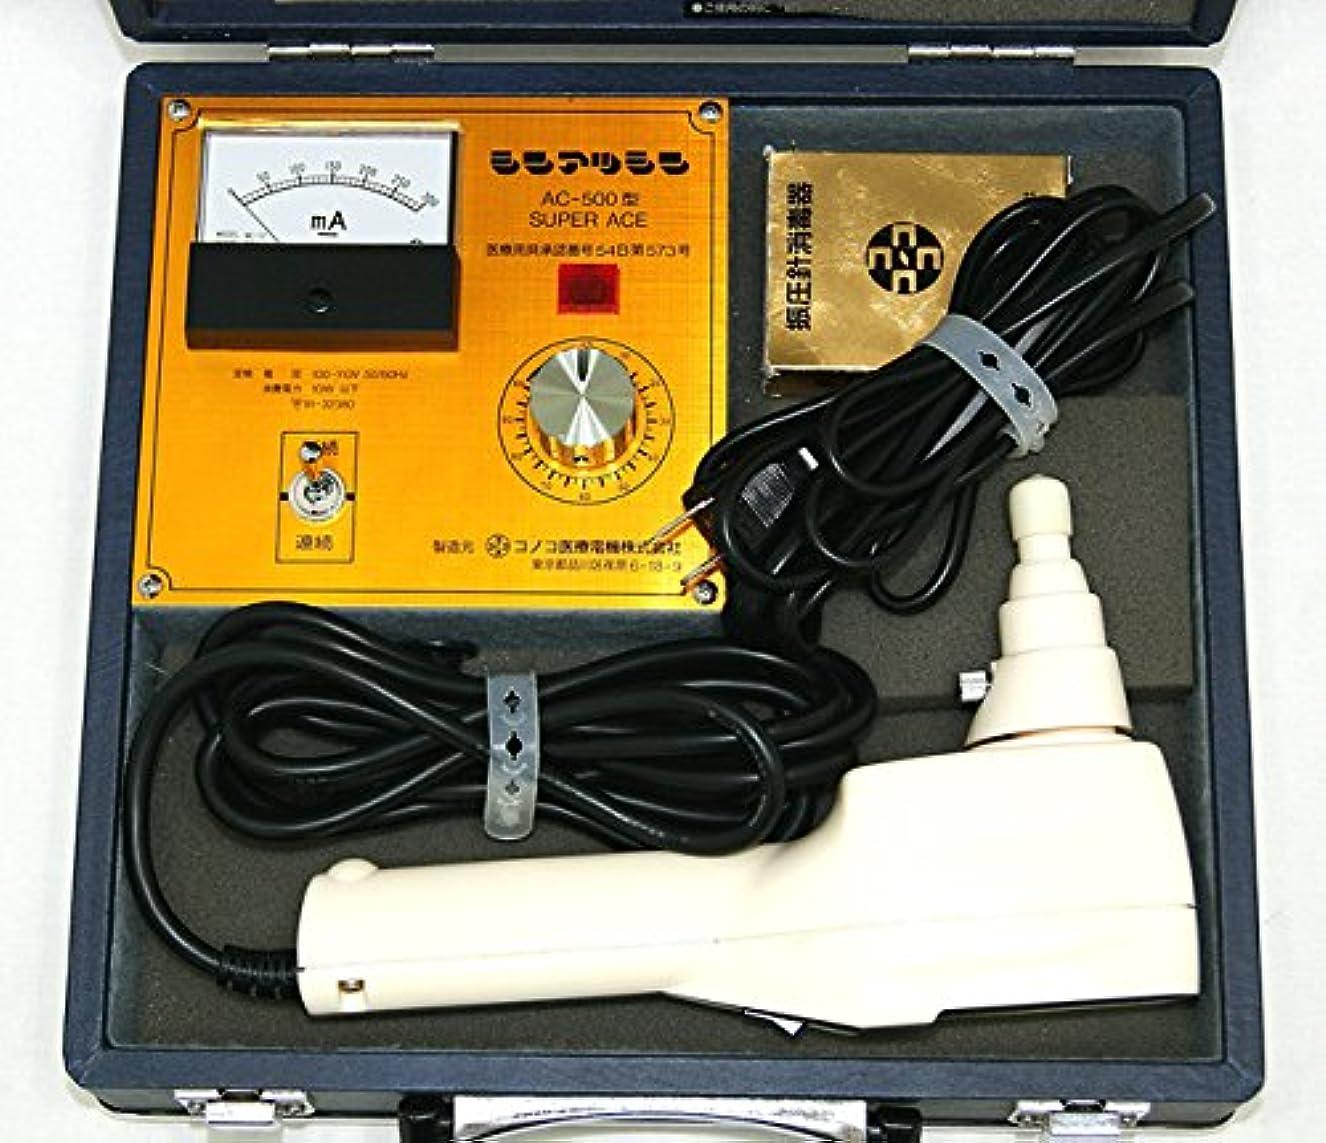 登録なに境界コノコ医療電機株式会社 シンアツシン AC500型(振圧針/AC-500型 SUPER ACE) 家庭用電気マッサージ器